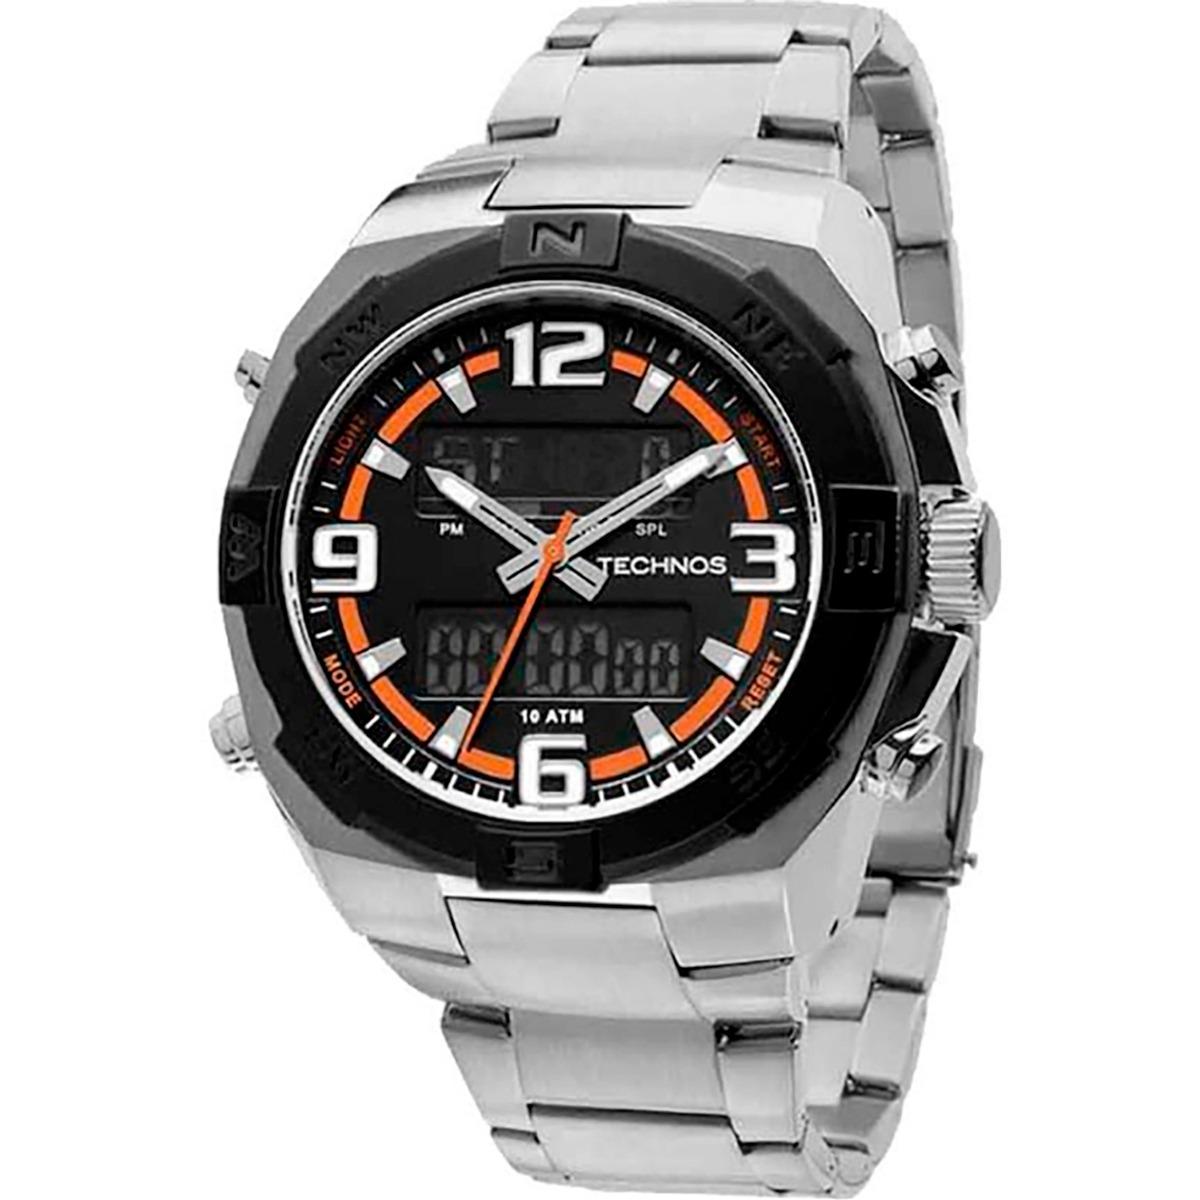 e67ffd462d2aa Relógio Technos Masculino 50592b 1p - R  395,99 em Mercado Livre